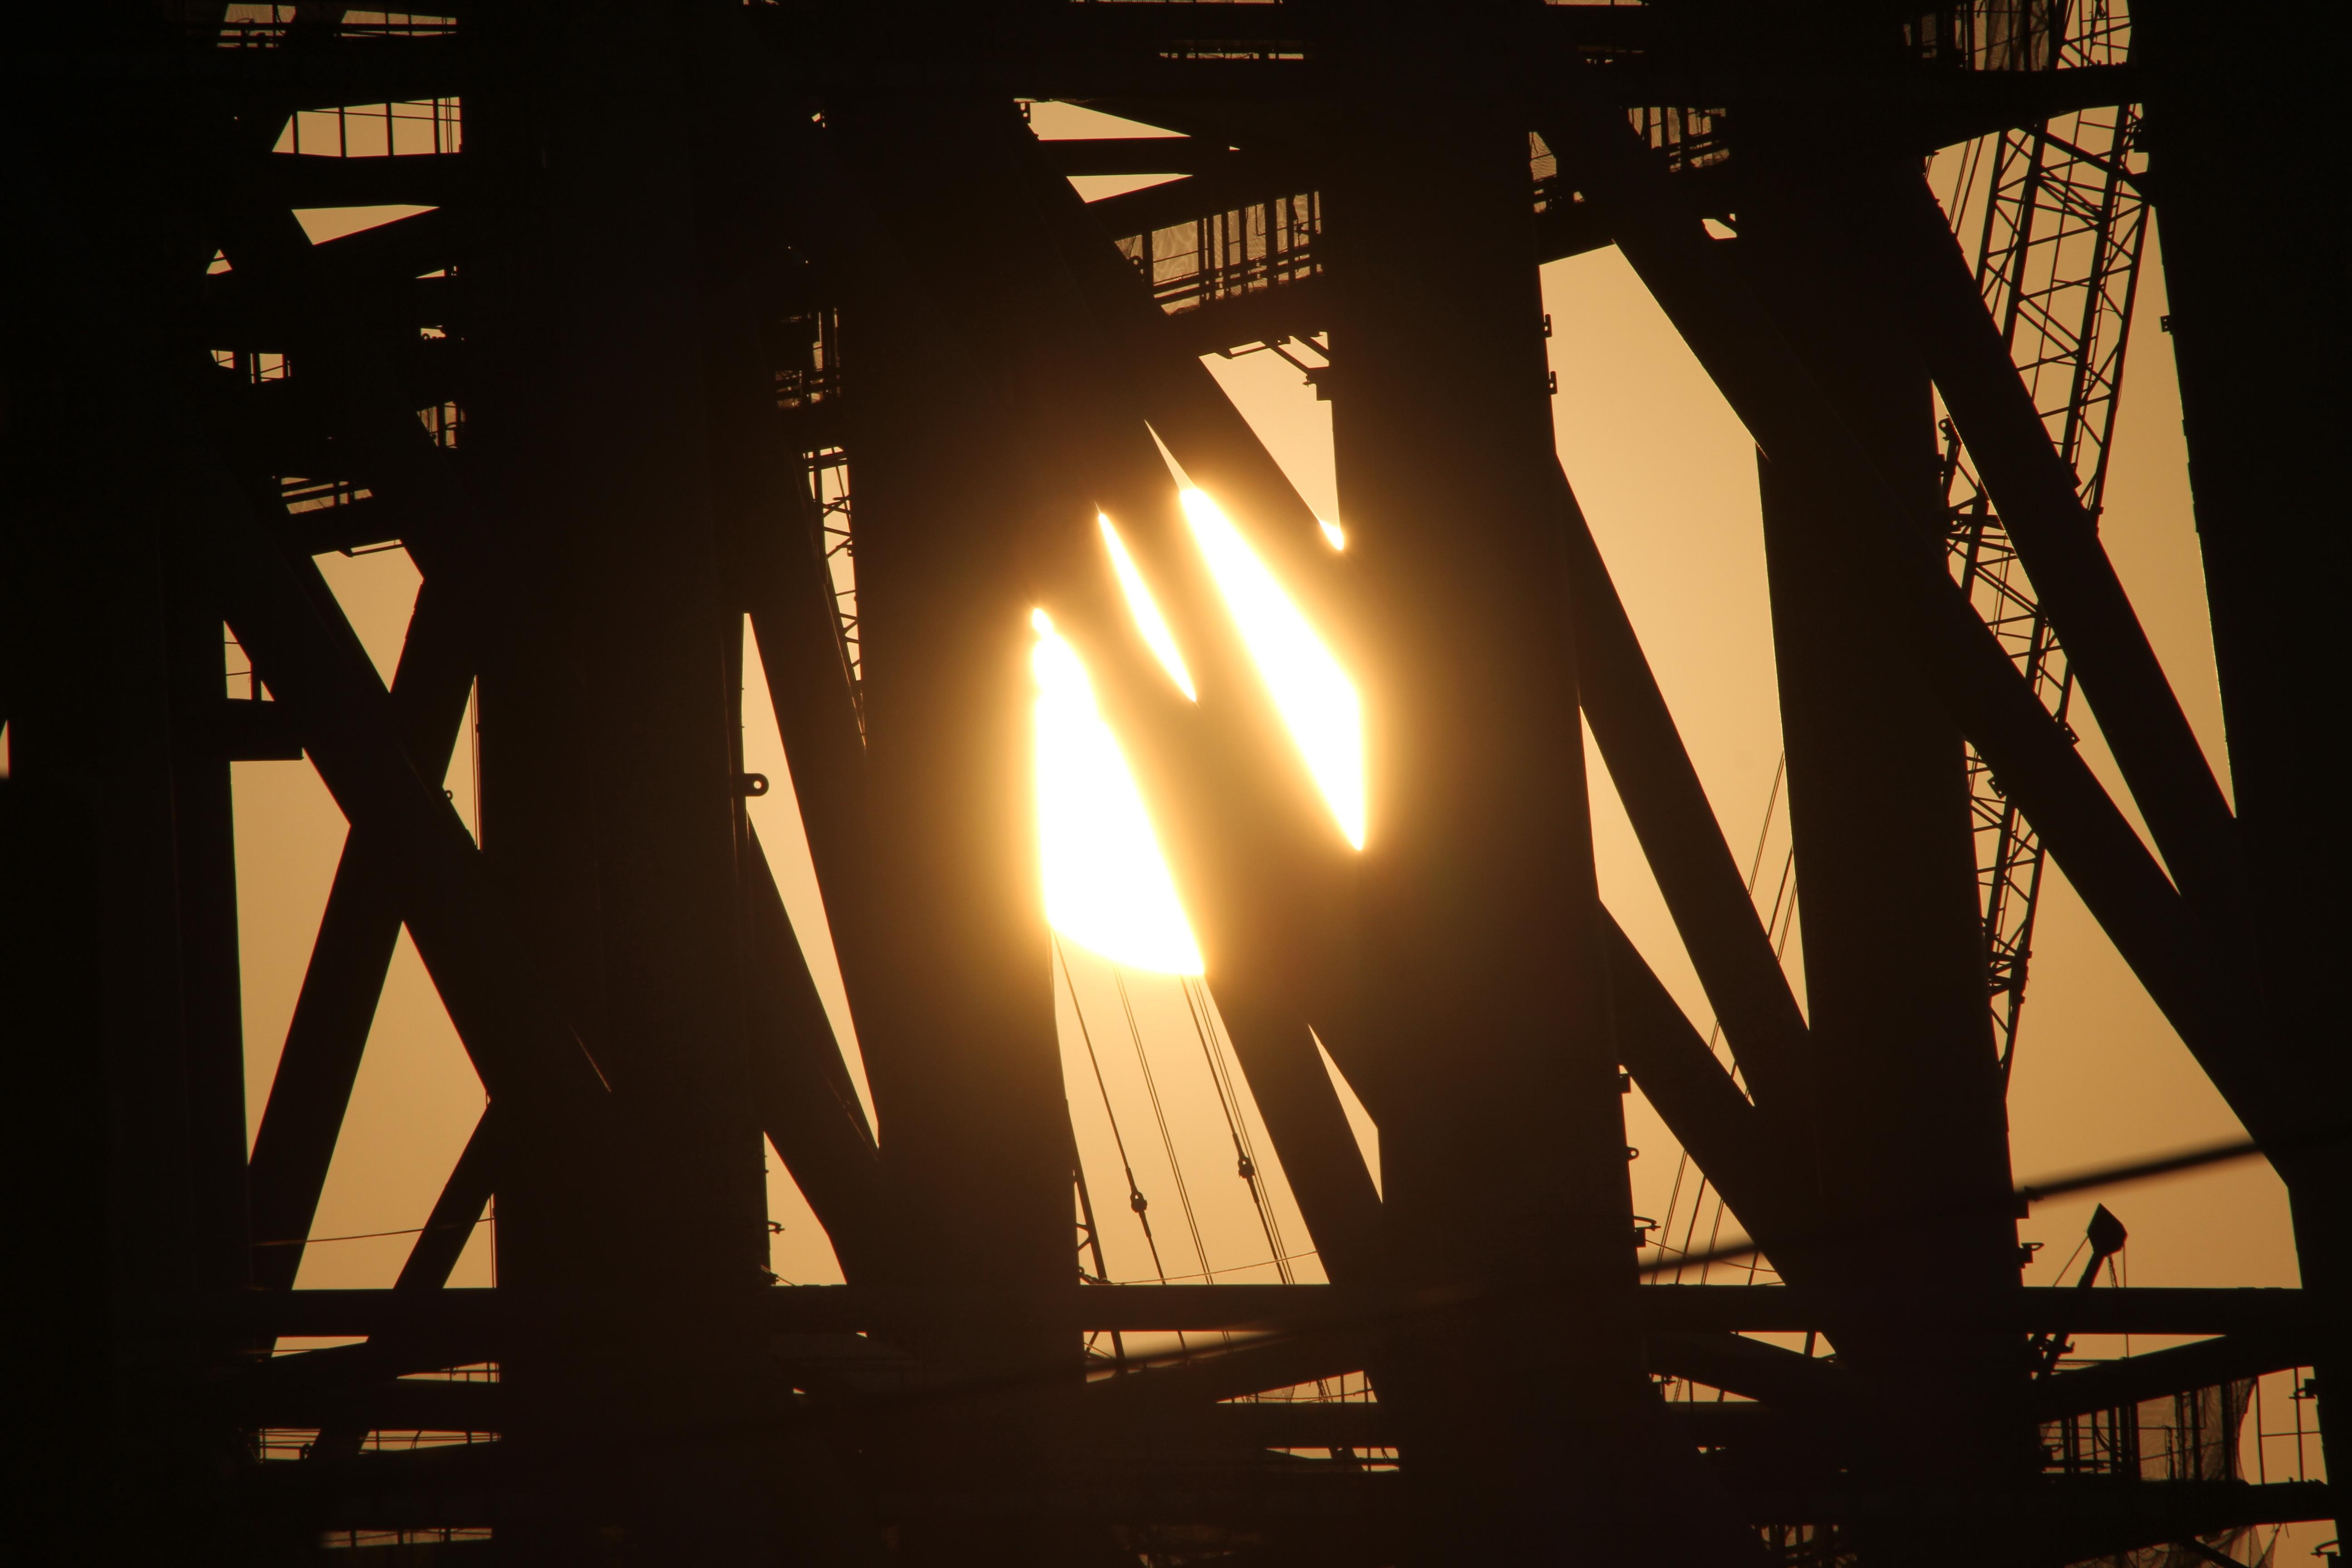 <b>ちょうど東京スカイツリーの鉄骨のなかに陽が沈んで行くイメージで夕日を撮影できた。EOS 7D / APO 50-500mm F4.5-6.3 DG OS HSM / 5,184×3,456 / 1/2000秒 / F16 / +0.3EV / ISO100 / プログラム / WB:オート / 500mm / 16:24</b>